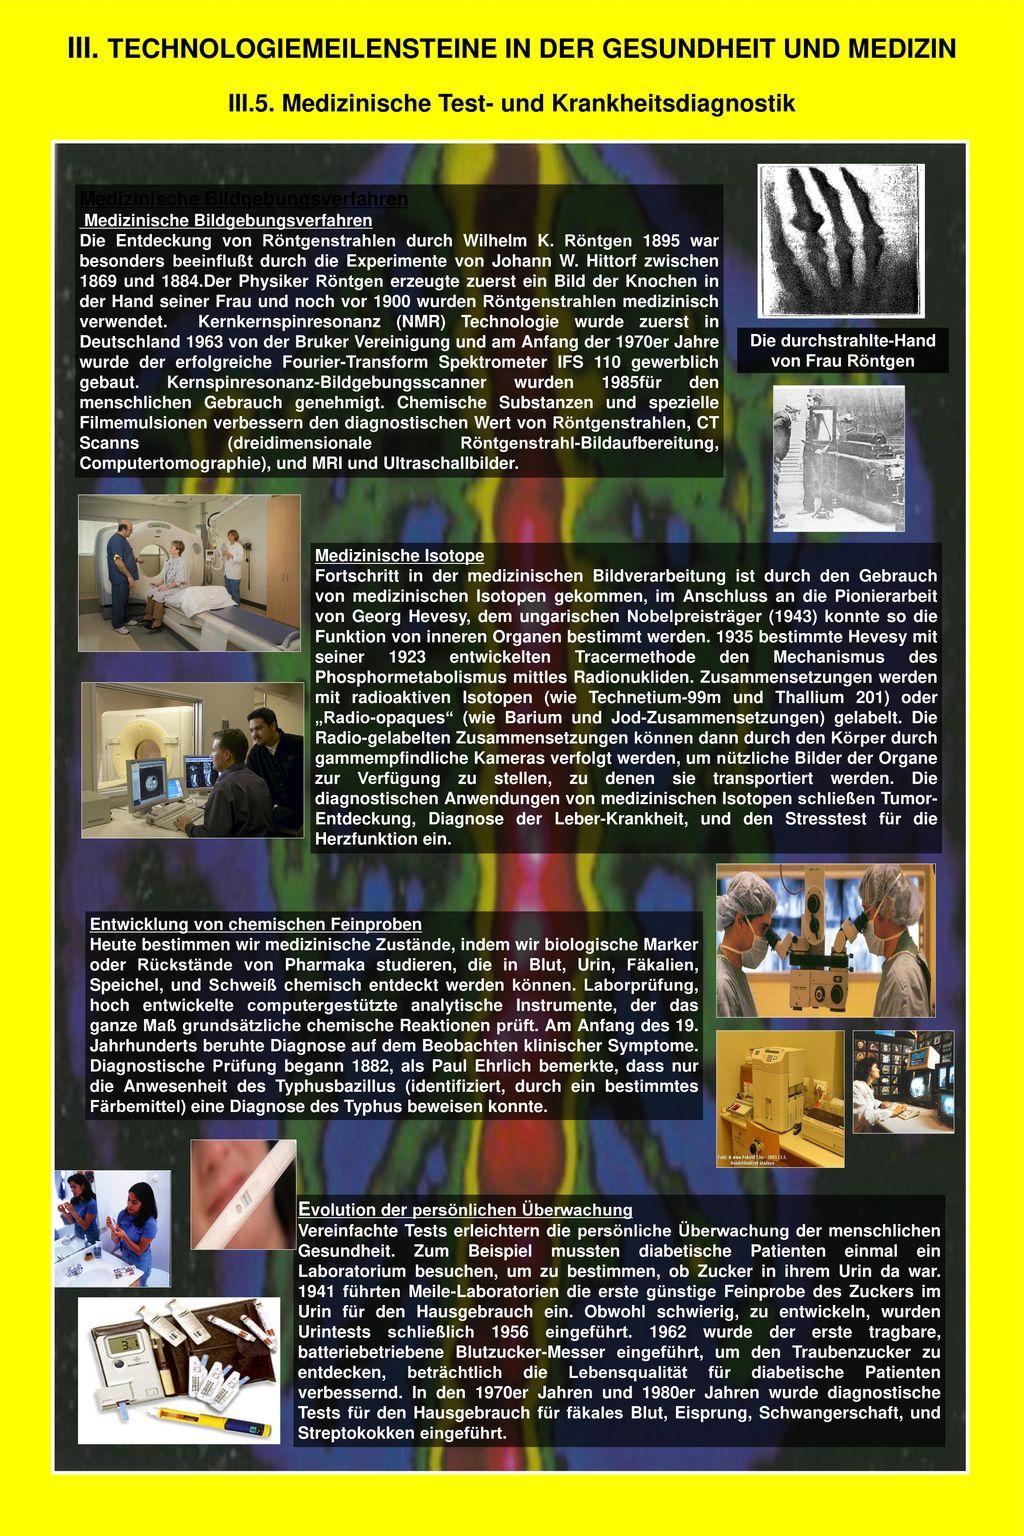 III. TECHNOLOGIEMEILENSTEINE IN DER GESUNDHEIT UND MEDIZIN